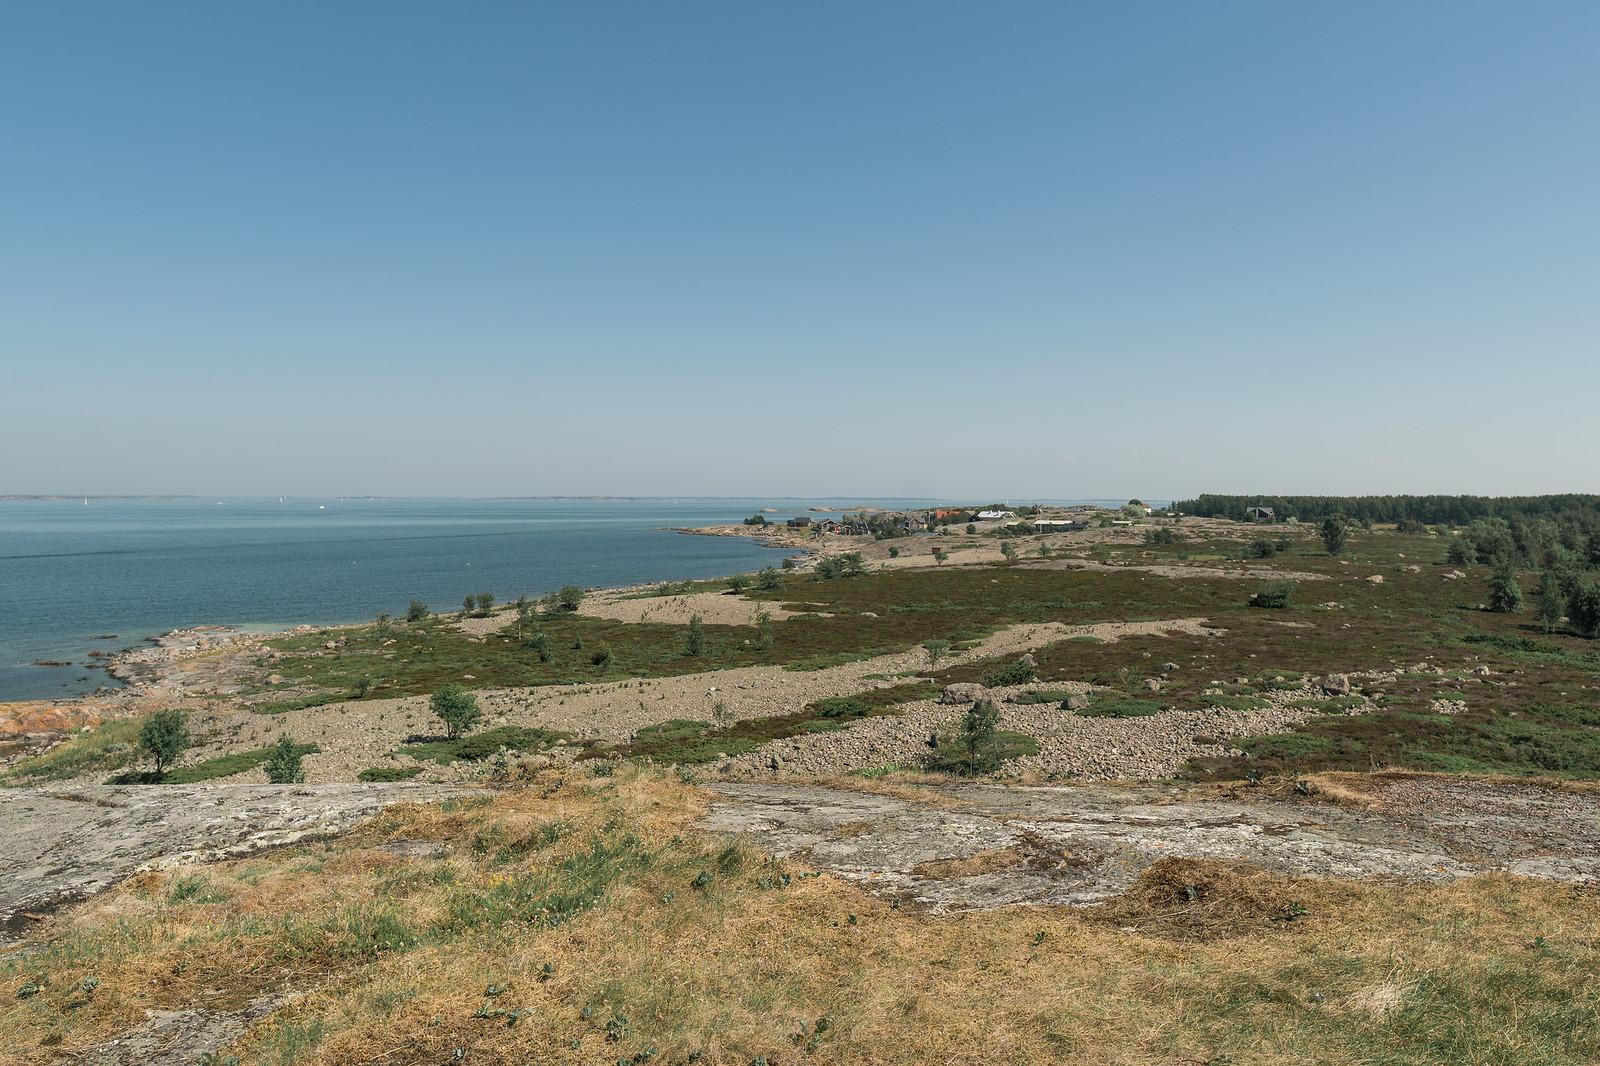 Saaresta suurin osa on matalaa kasvillisuutta ja kivikkoa